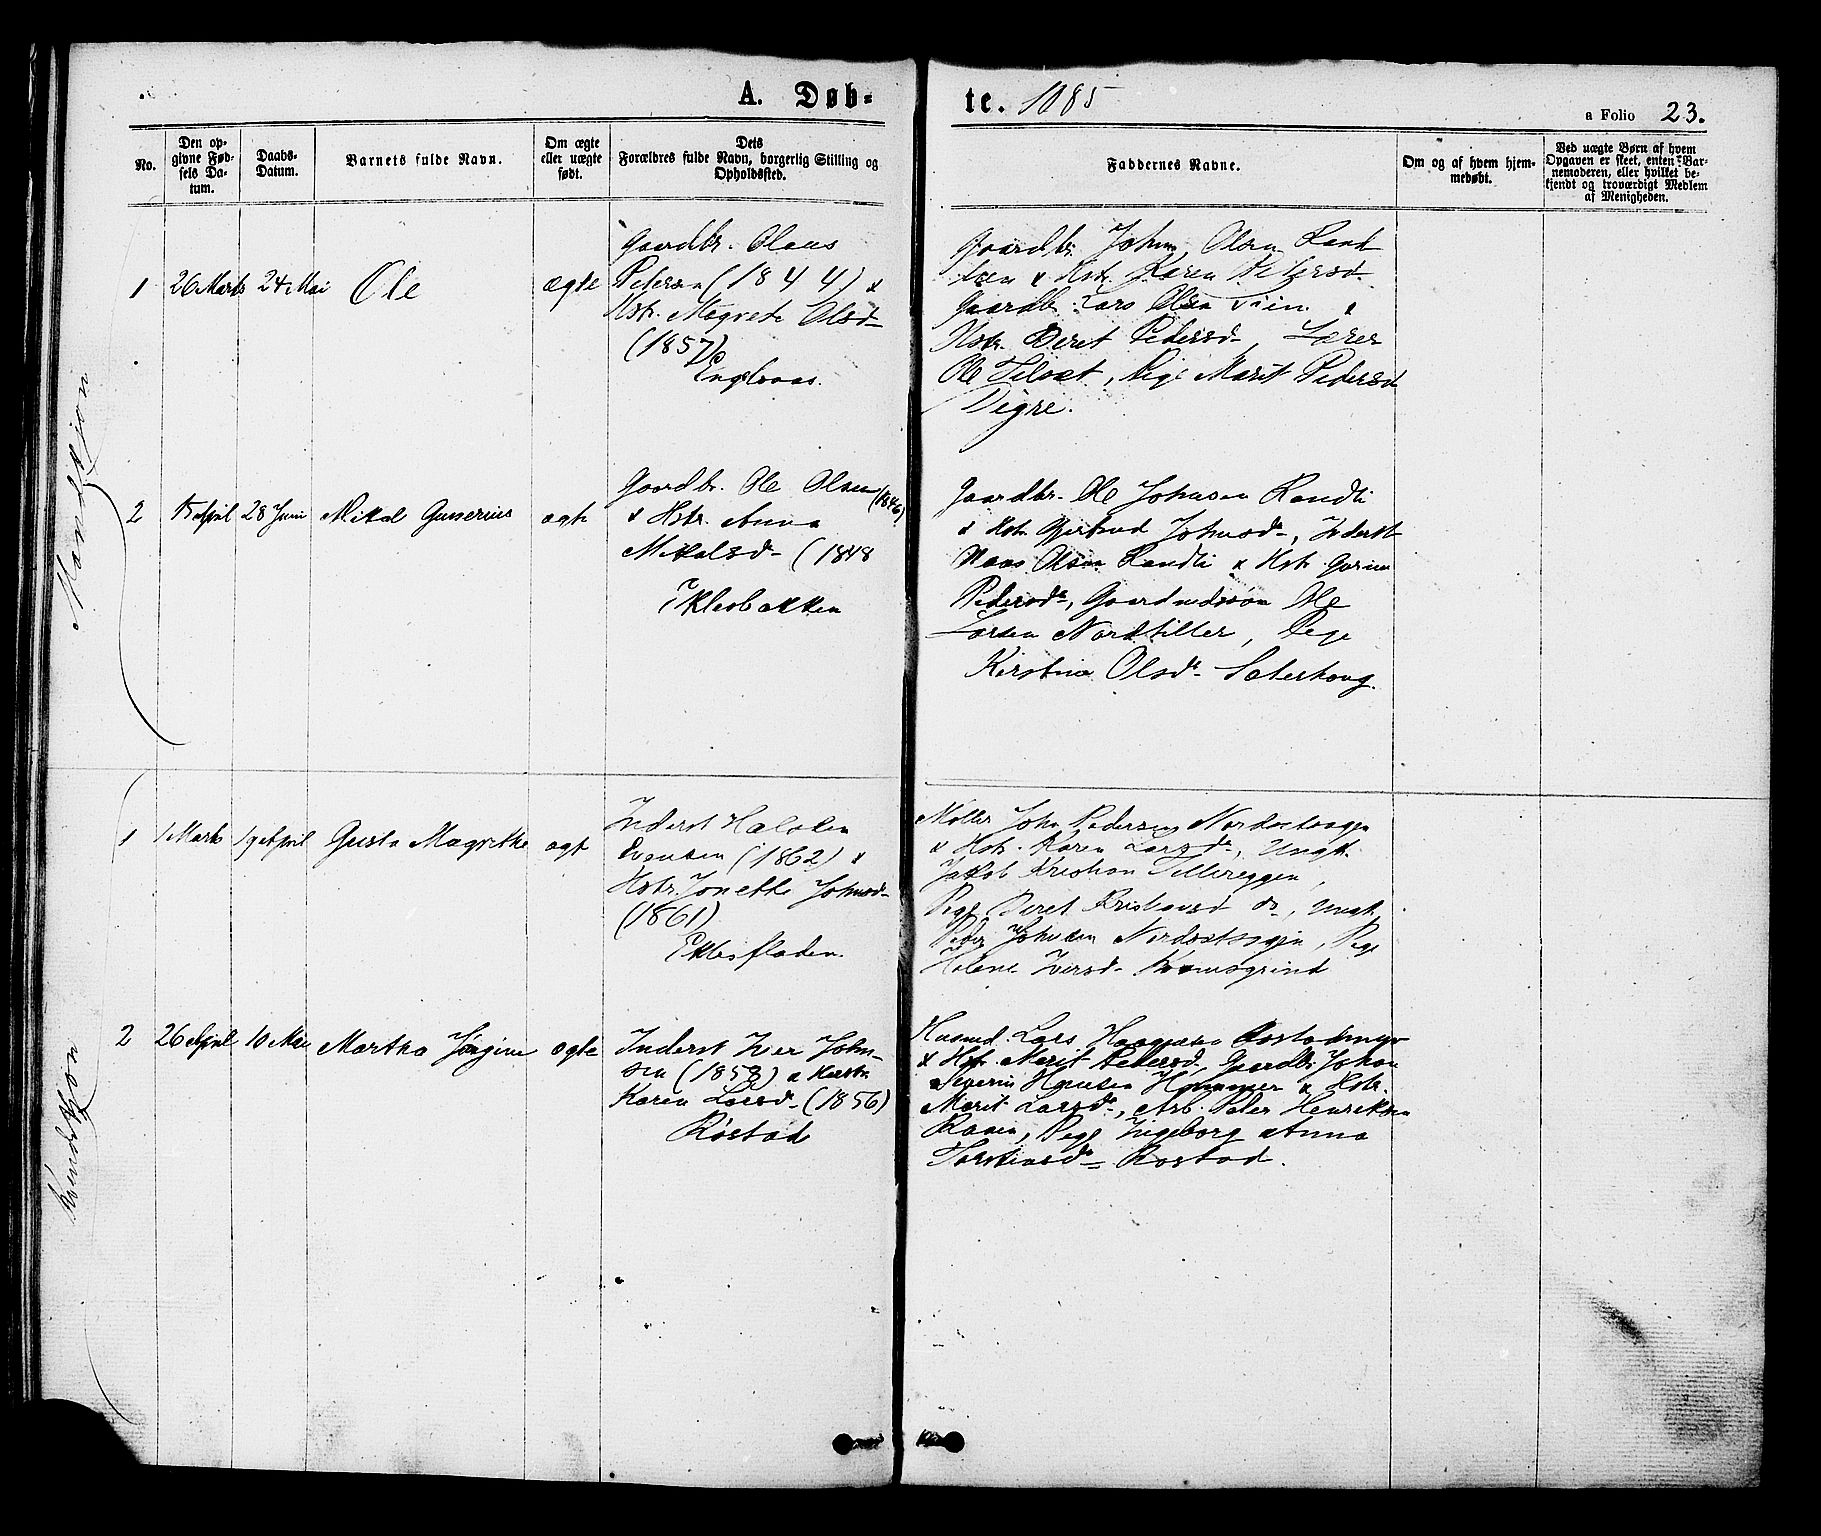 SAT, Ministerialprotokoller, klokkerbøker og fødselsregistre - Sør-Trøndelag, 608/L0334: Ministerialbok nr. 608A03, 1877-1886, s. 23